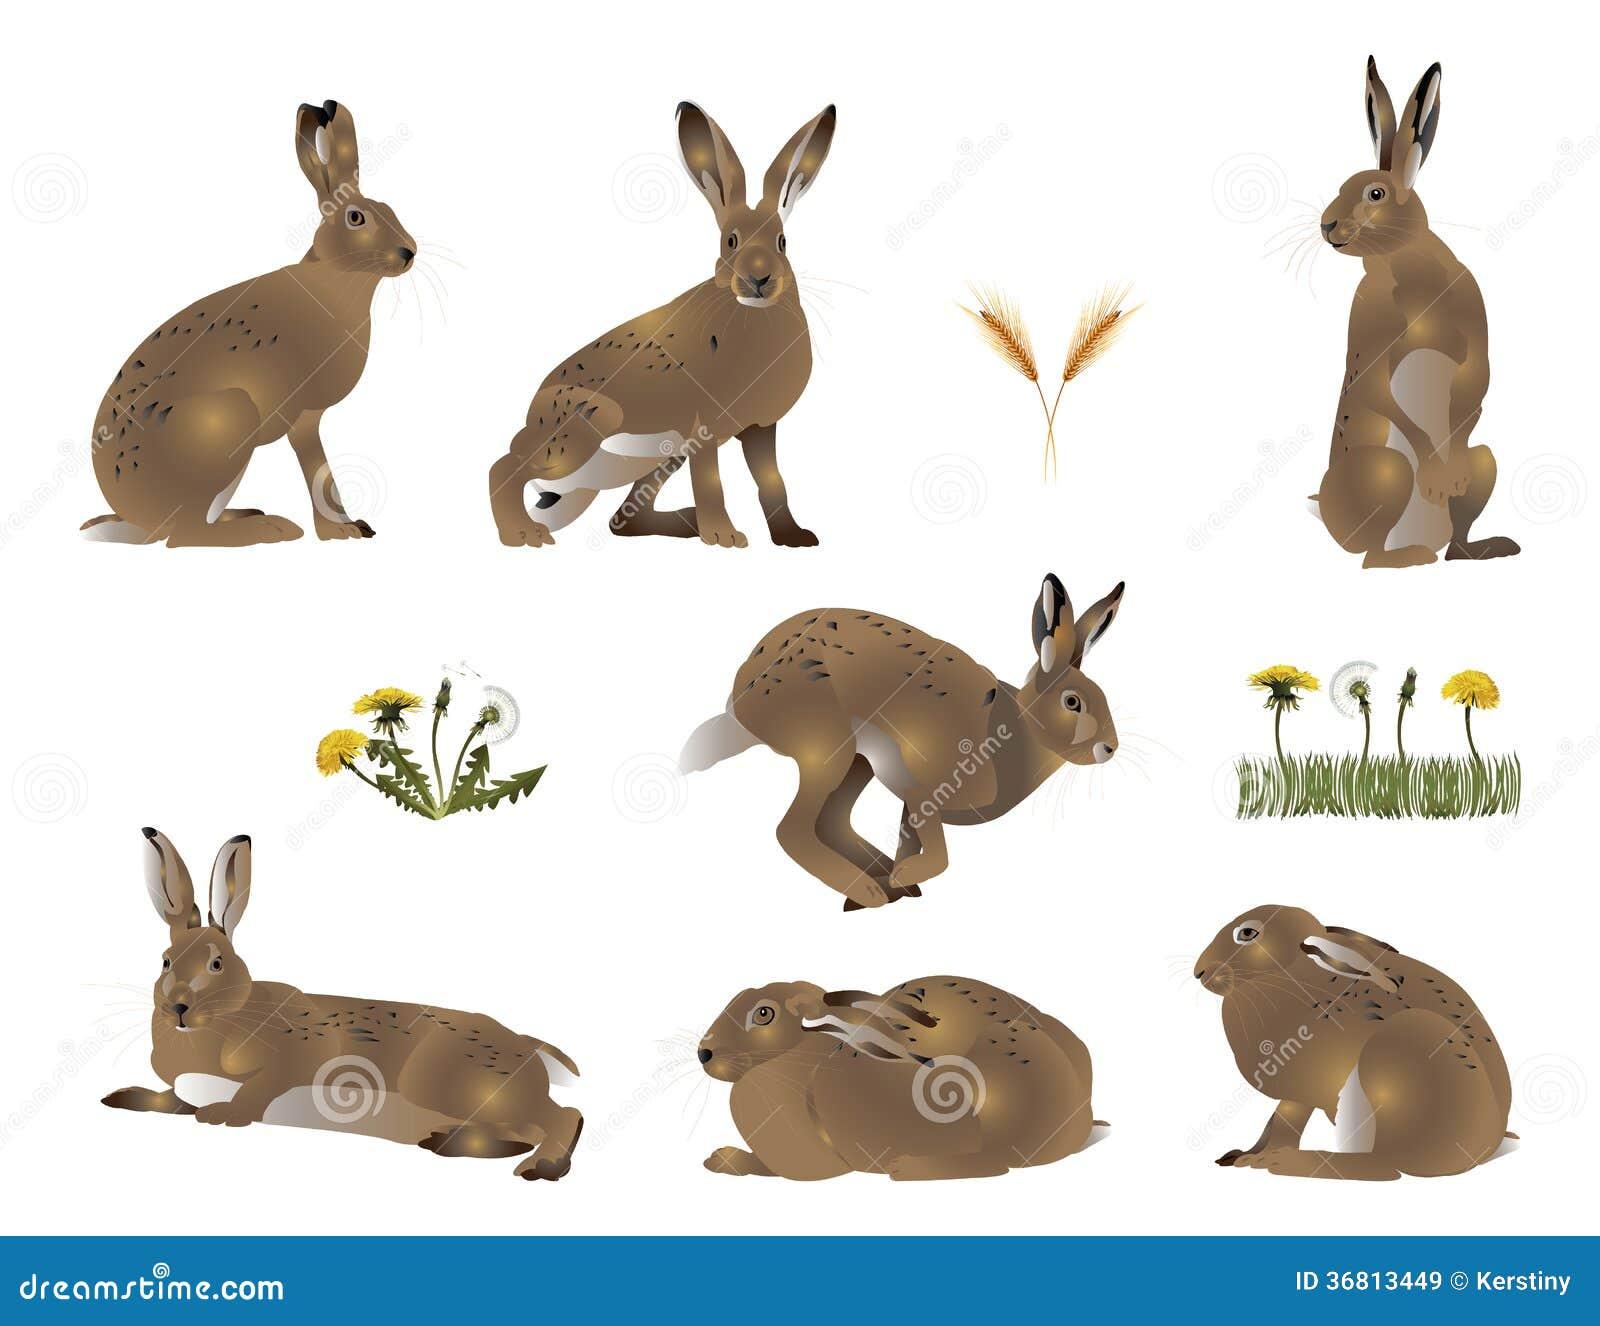 feldhase stock abbildung illustration von wirbeltier 36813449. Black Bedroom Furniture Sets. Home Design Ideas